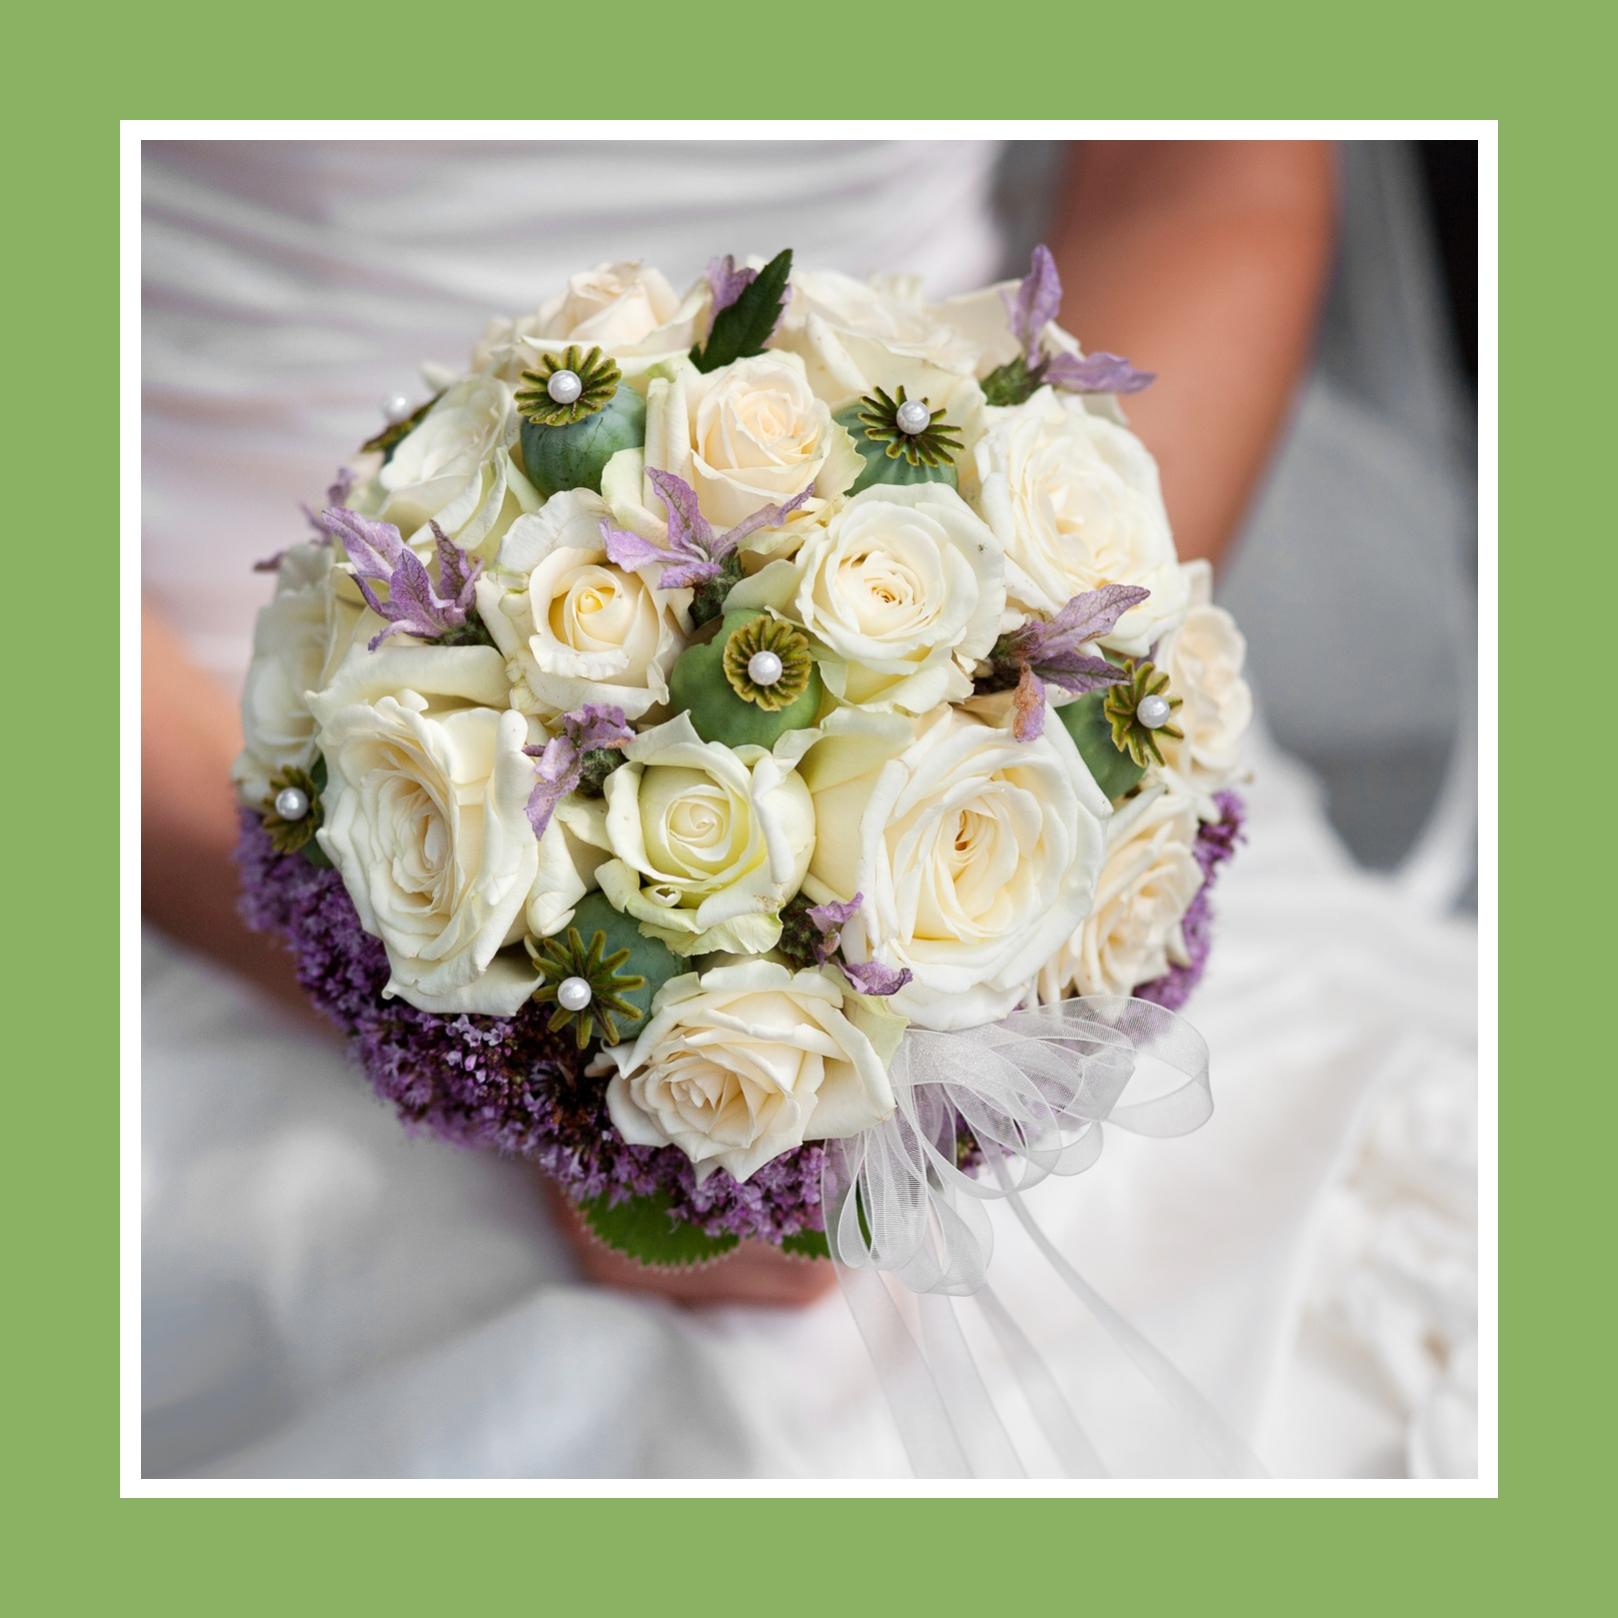 Brautstrauß aus Rosen, Flieder und Irisen in Weiß und Violett